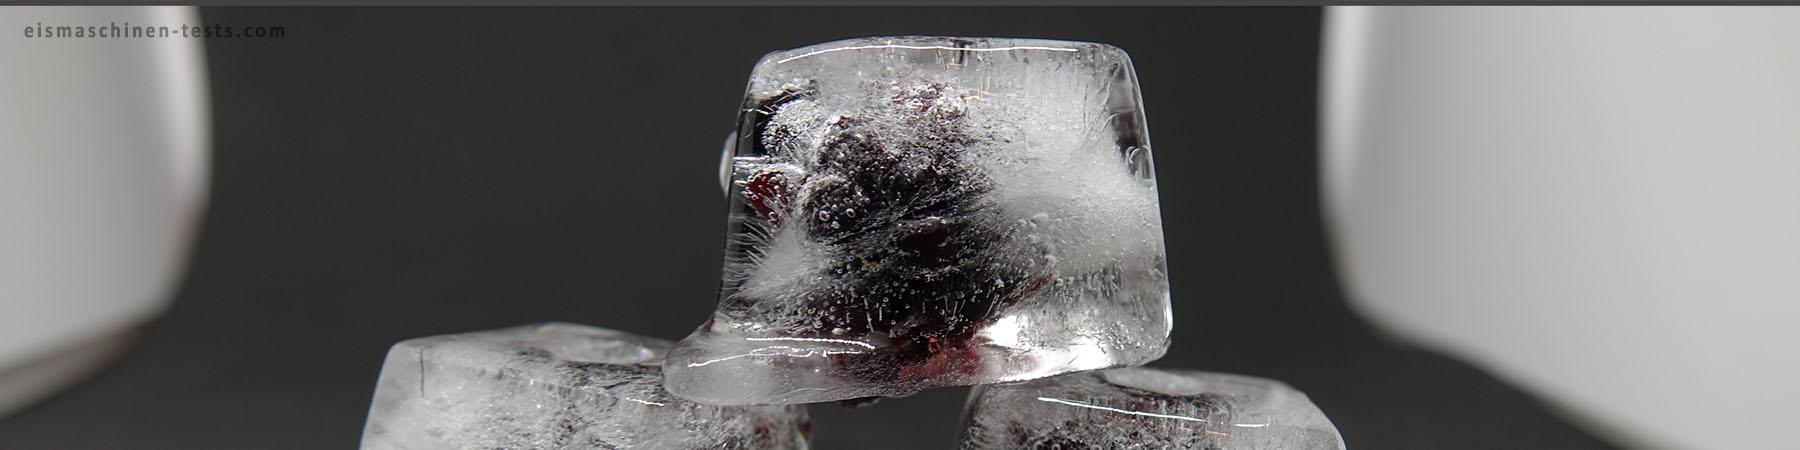 Brombeere Eiswürfel selber machen - Eismaschinen Tests com - Slider